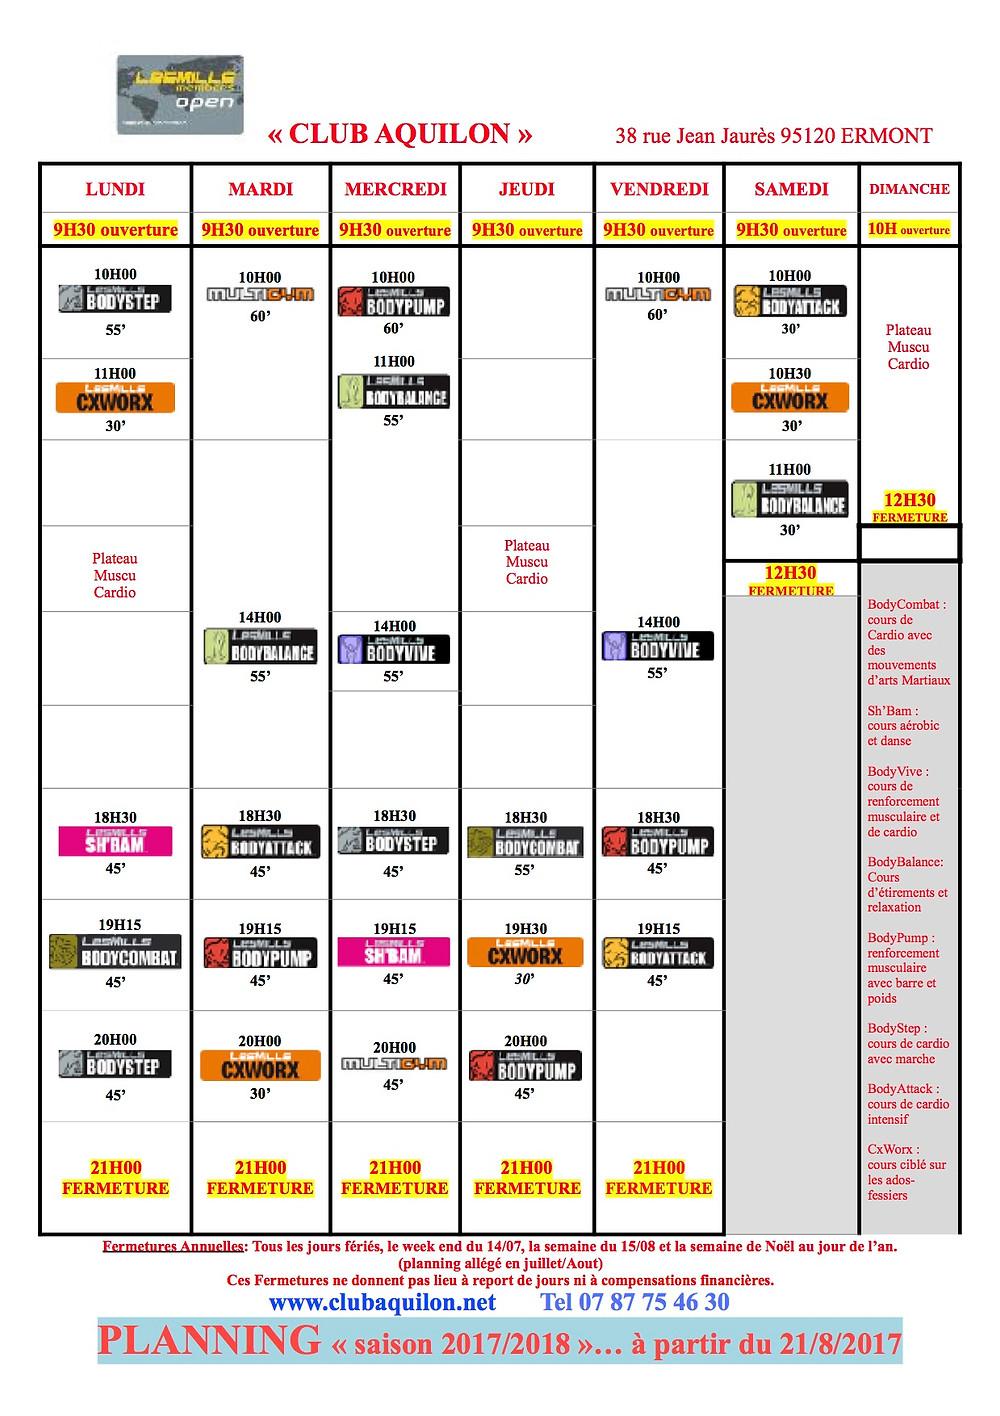 Planning saison 2017/2018 à partir du 21/8